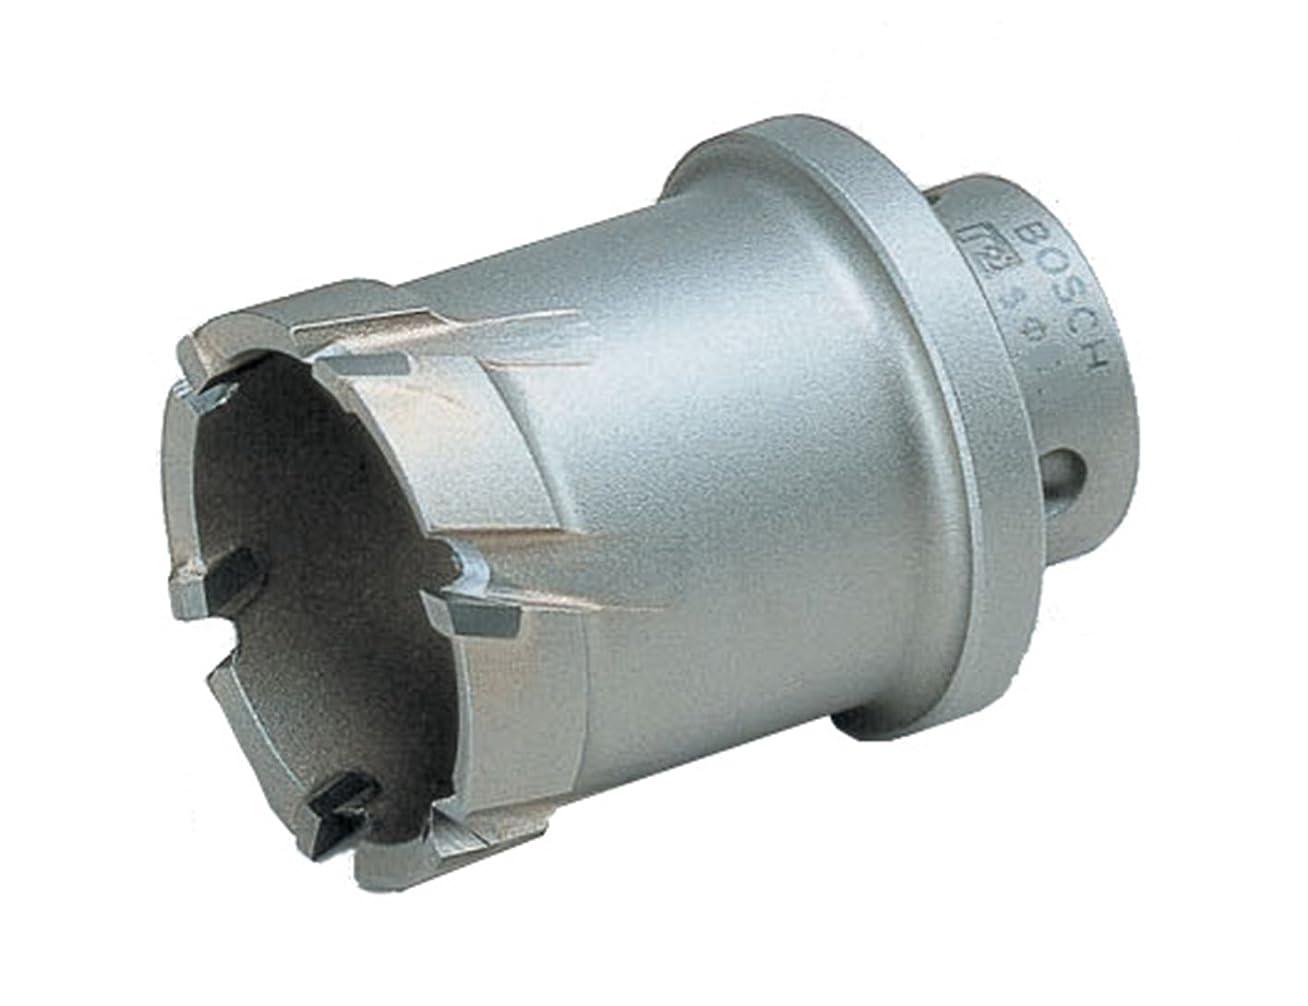 育成否定するグリースBOSCH(ボッシュ) ポリクリックシステム 超硬深穴ホールソーカッター35mmφ PFH-035C